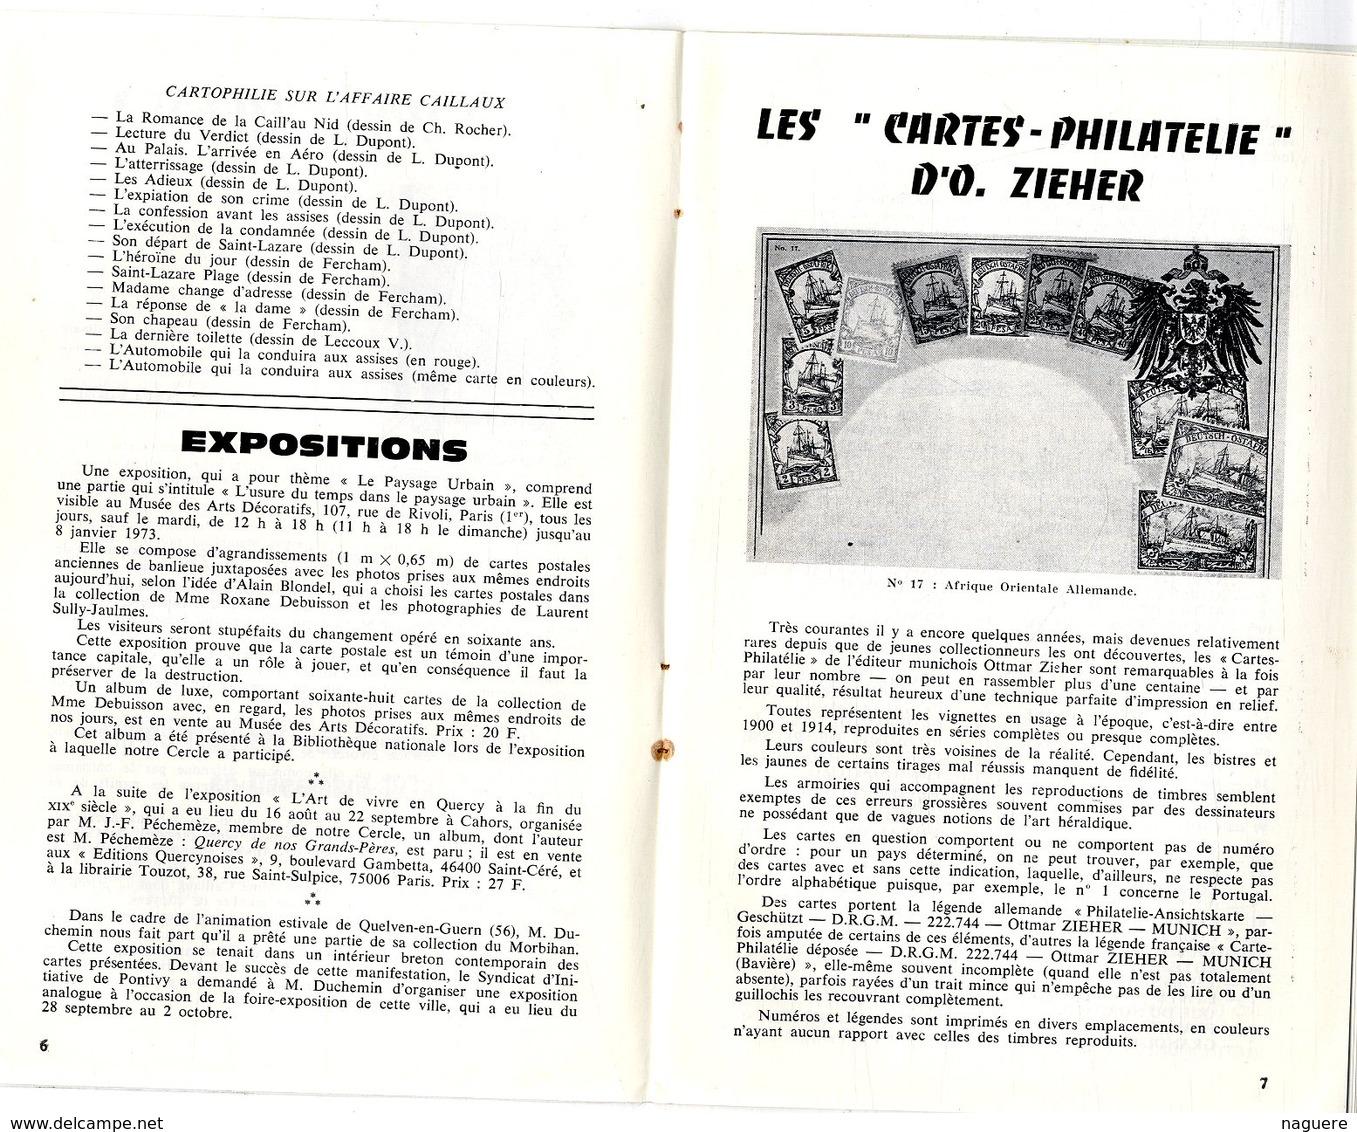 LE CARTOPHILE  DECE 1972  N° 27  -  24 PAGES L AFFAIRE CAILLAUX LES INCUNABLES CARTES PHILATELIE   Etc .. - Français